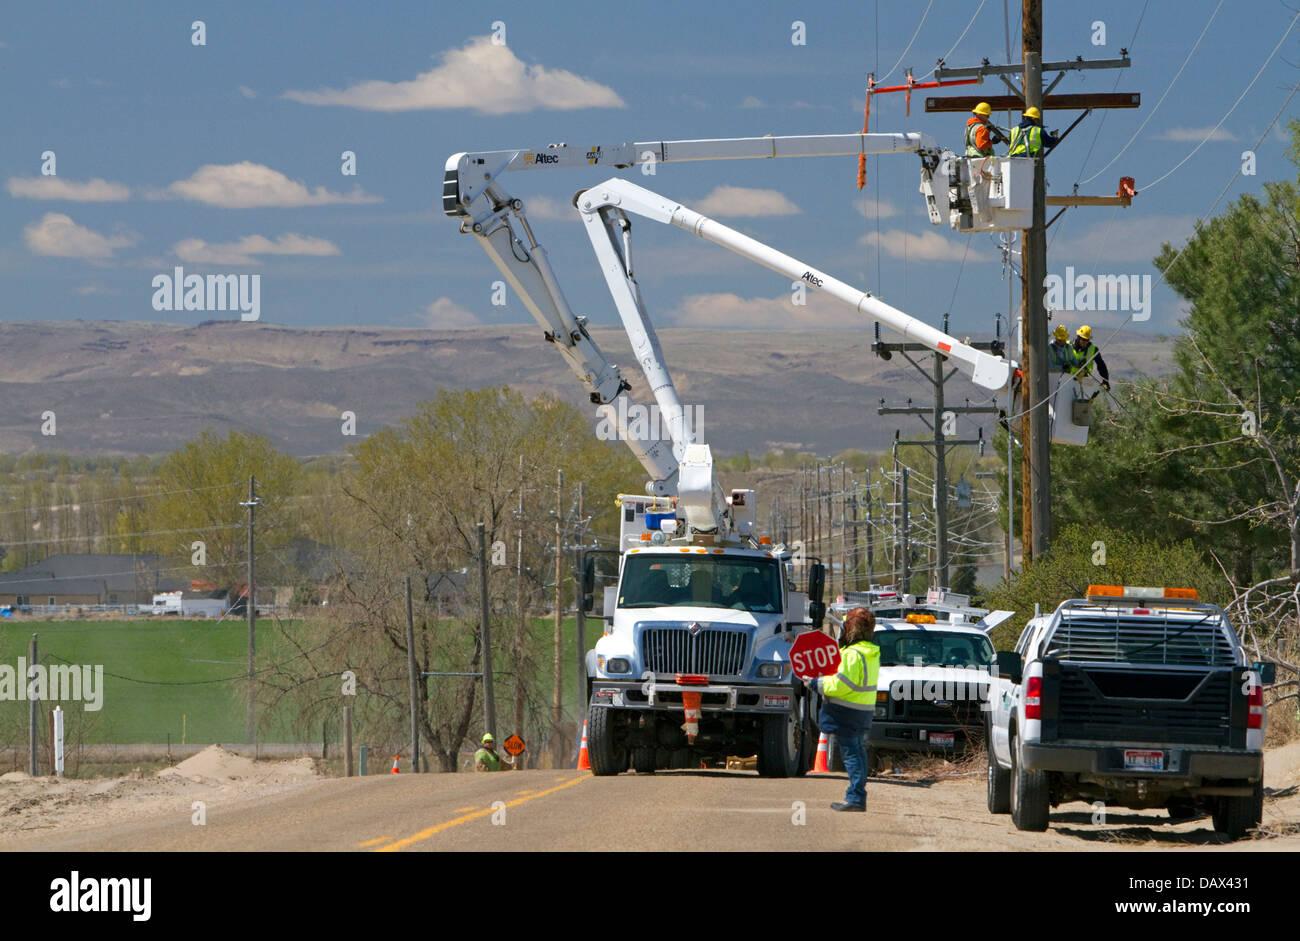 Idaho Power Installation von elektrischen Leitungen mit Cherry Pickers in der Nähe von Boise, Idaho, USA. Stockbild